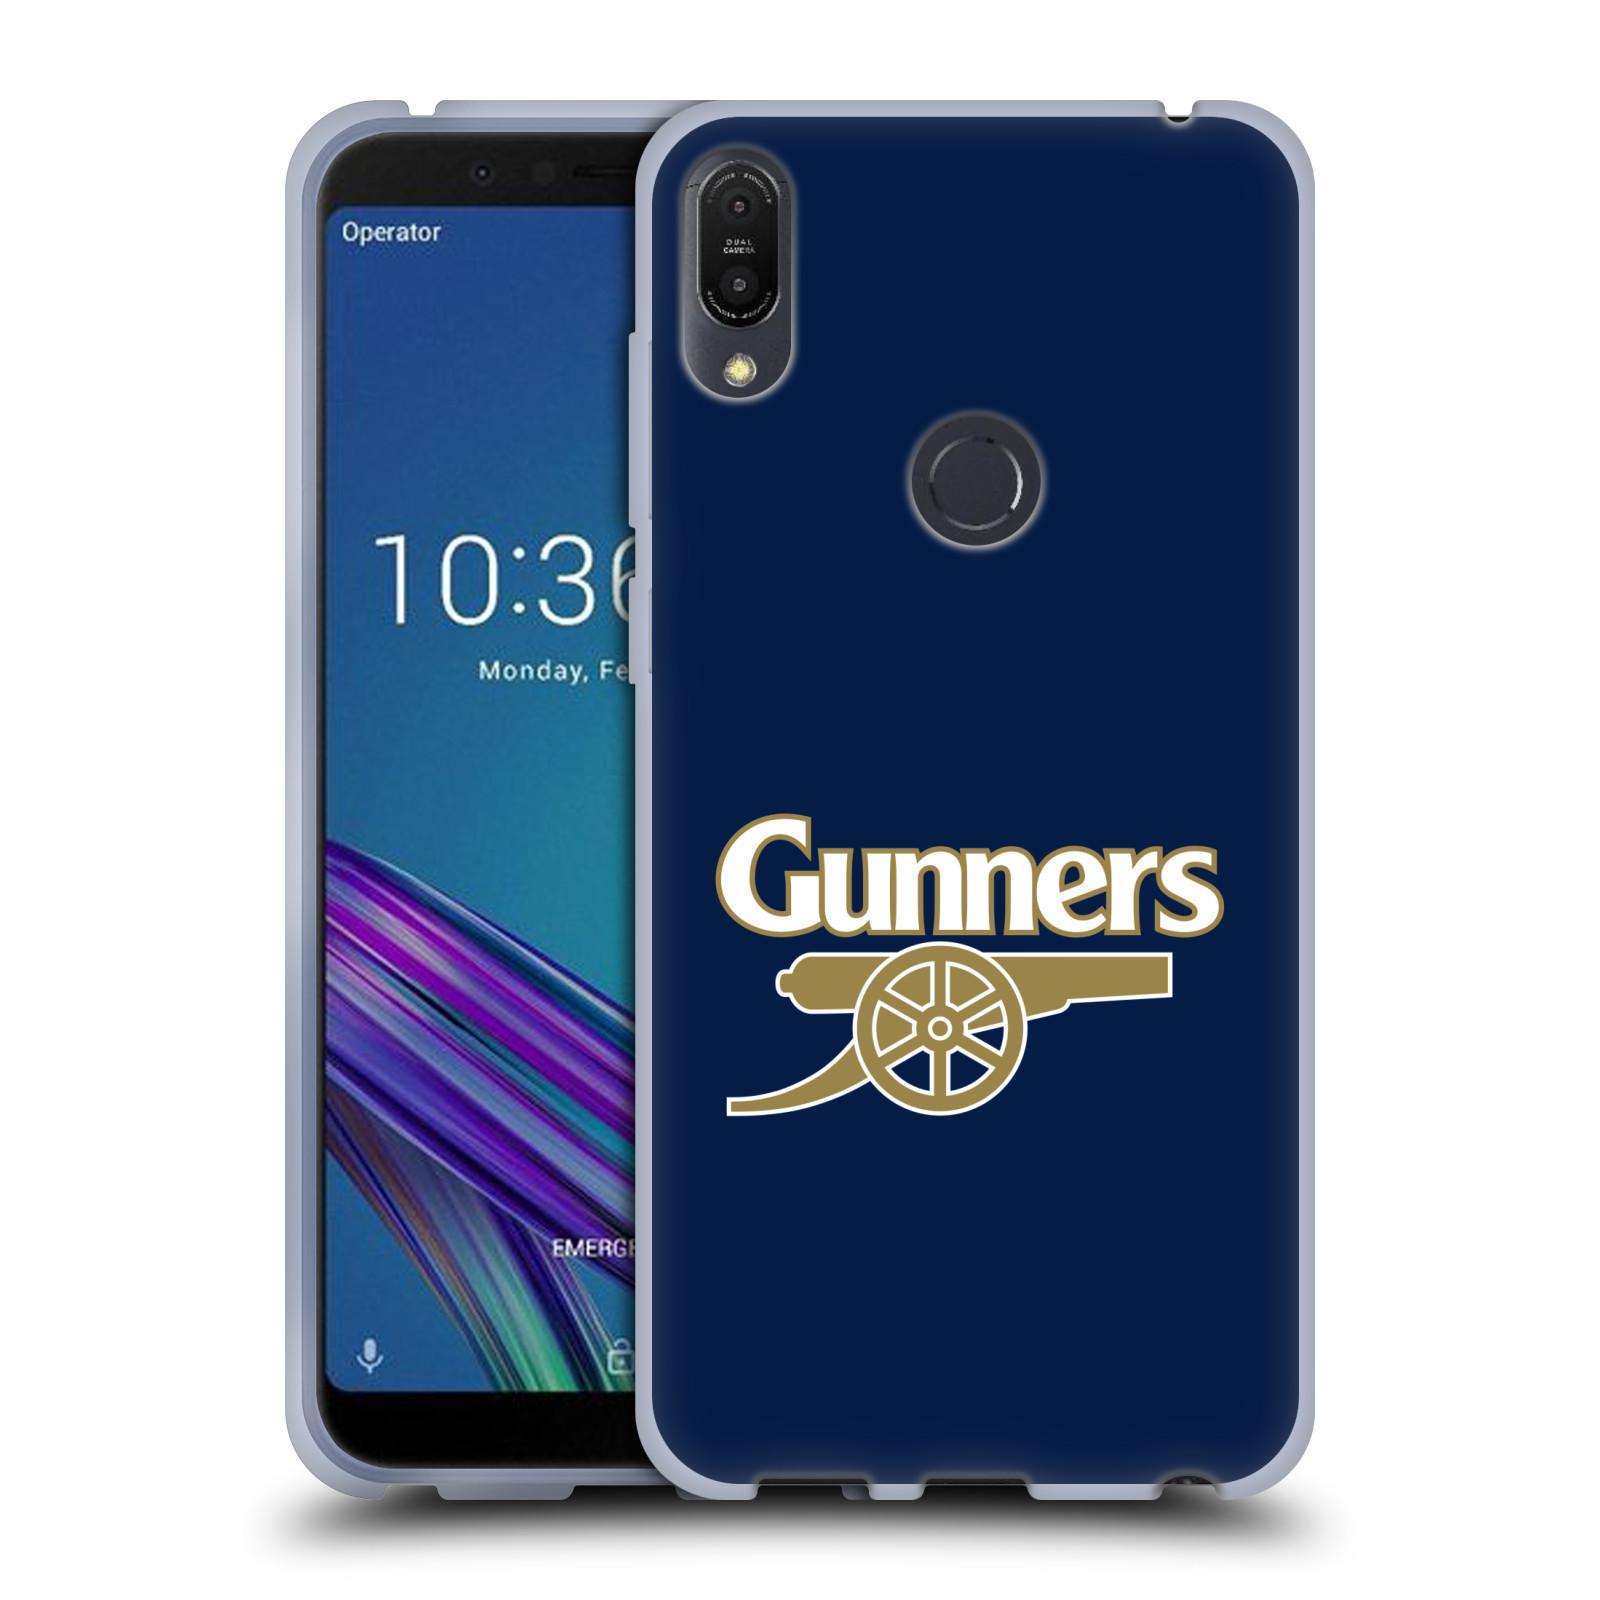 Silikonové pouzdro na mobil Asus ZenFone Max Pro (M1) - Head Case - Arsenal FC - Gunners